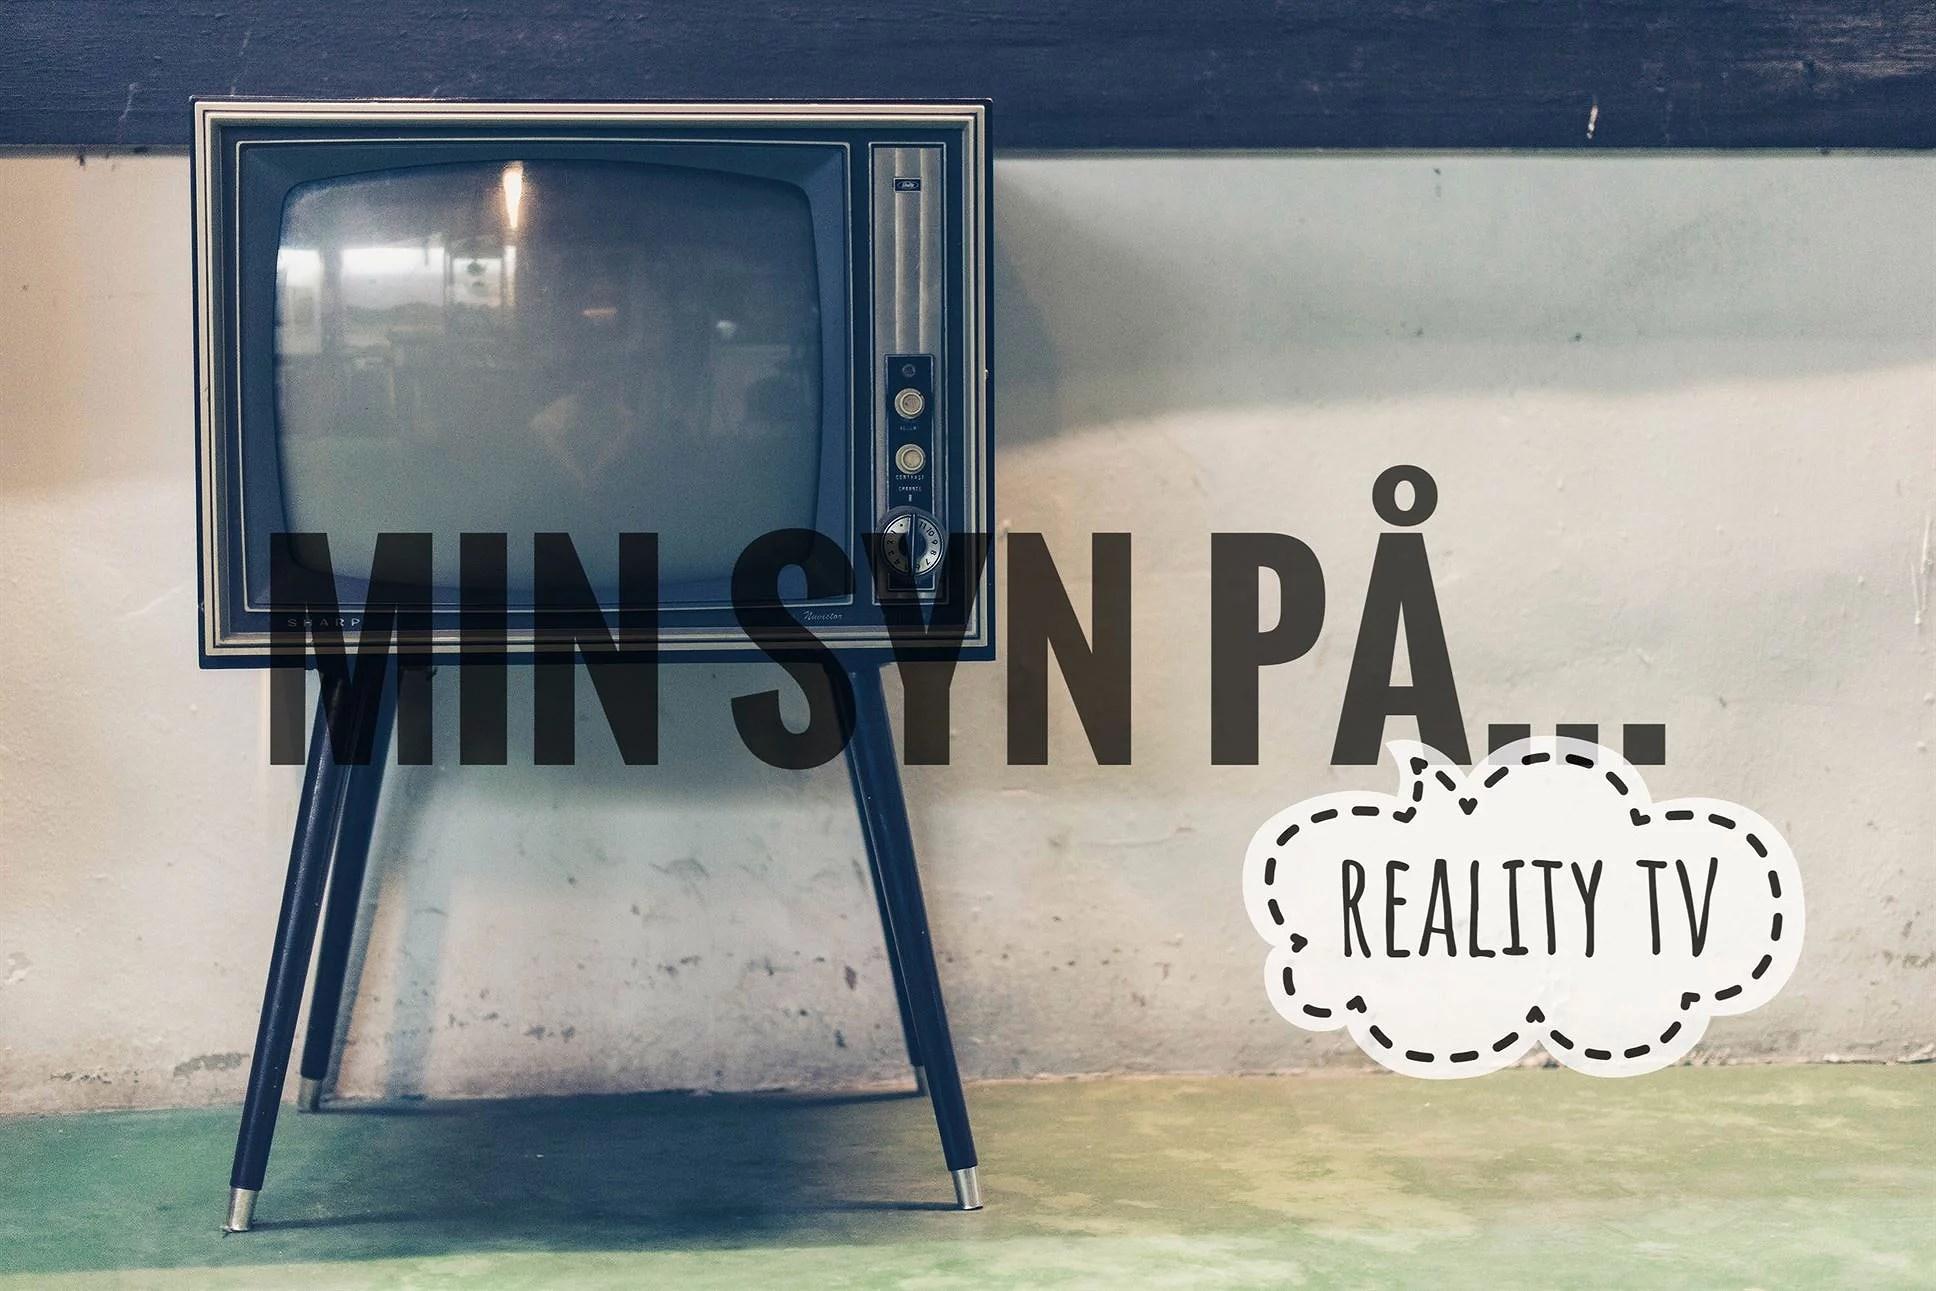 Min syn på... Reality tv